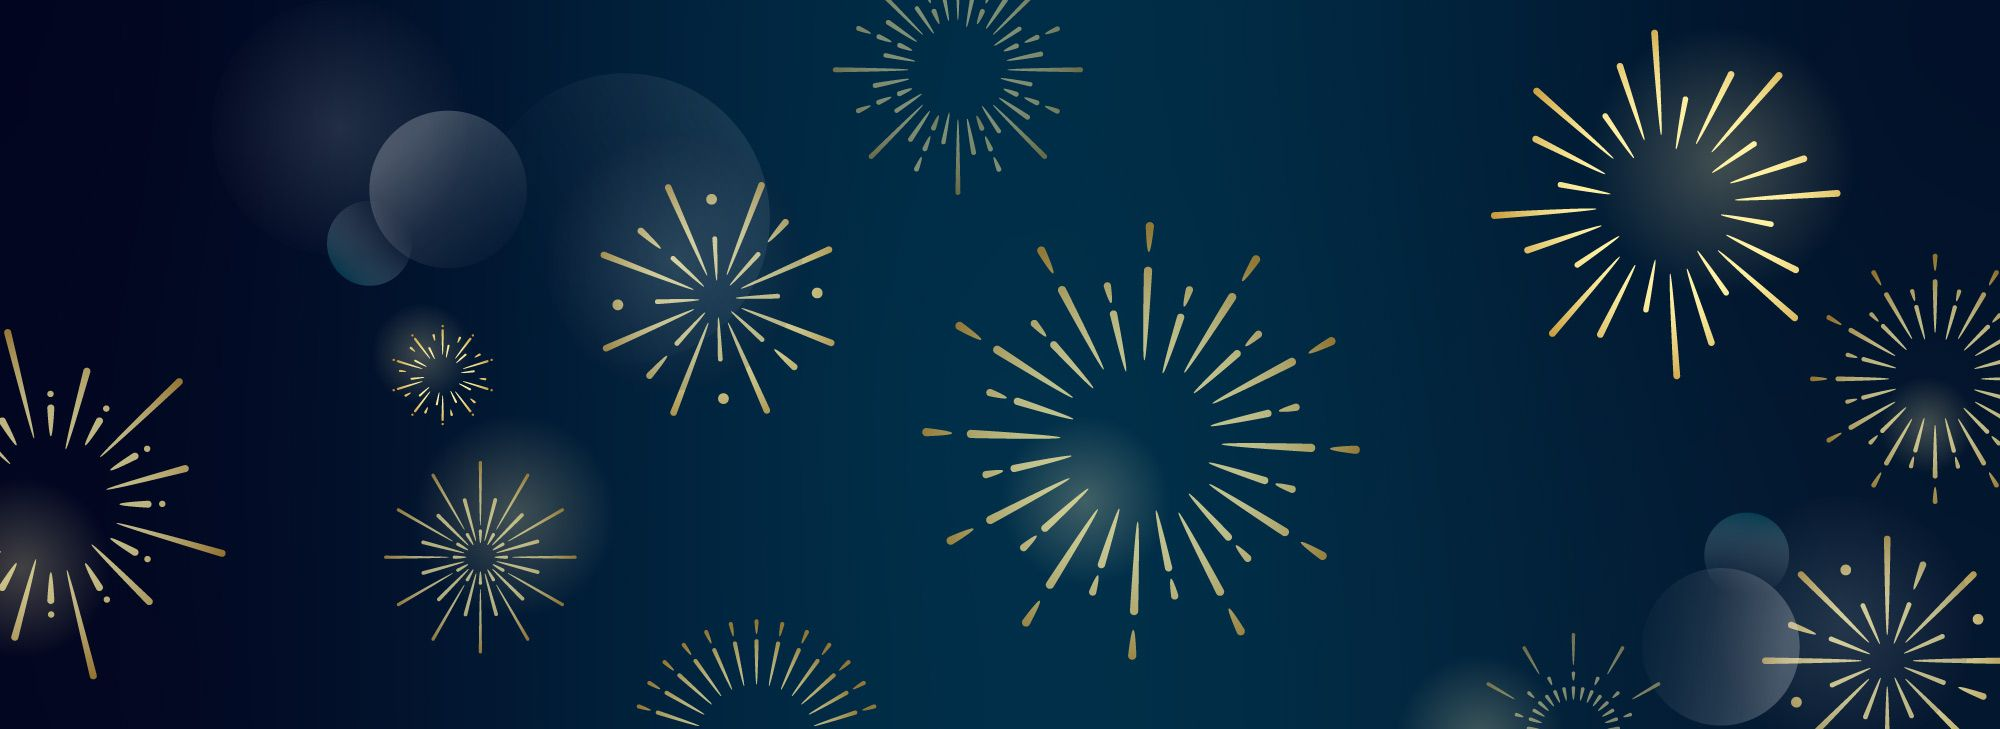 Waldegraves celebrating 70 years